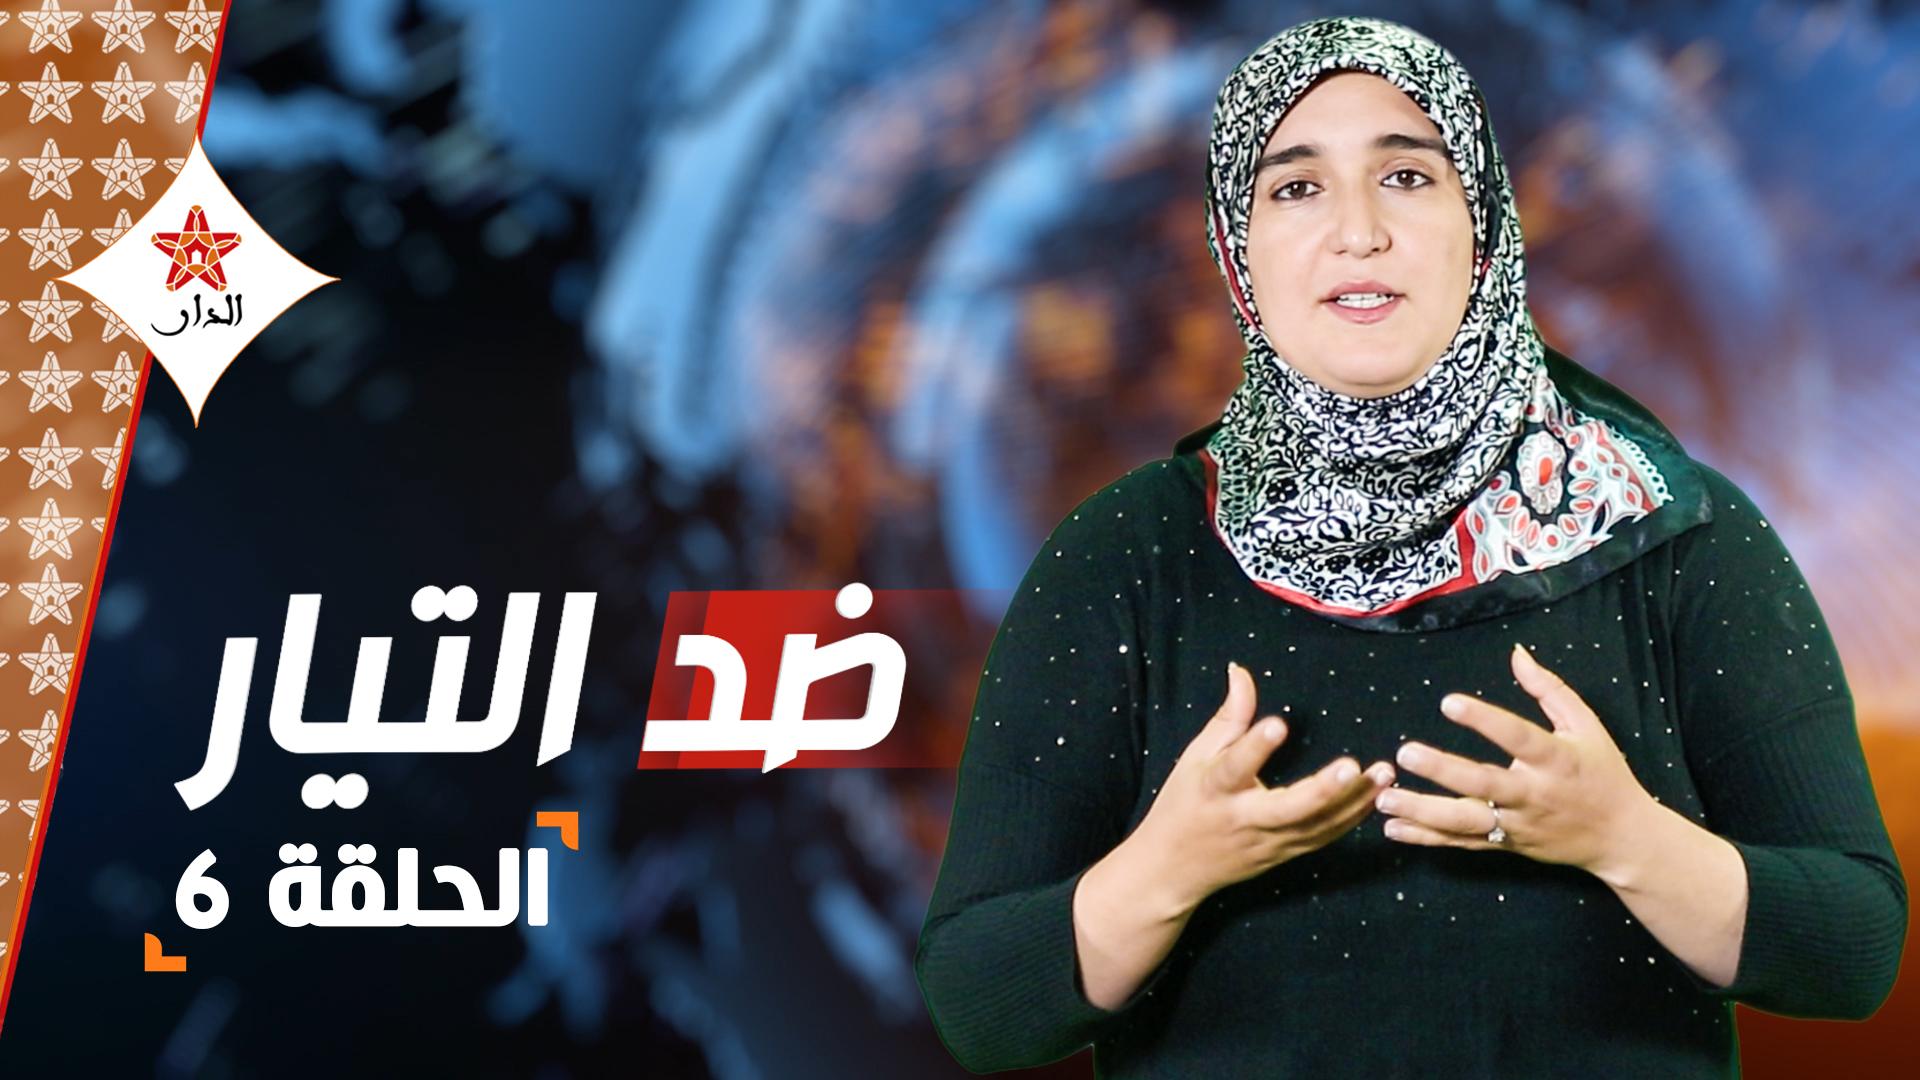 صورة ضد التيار الحلقة 6: وزيرة سابقة ضد جمهور الرجاء ووزراء مناشير والبيجيدي وعام البون